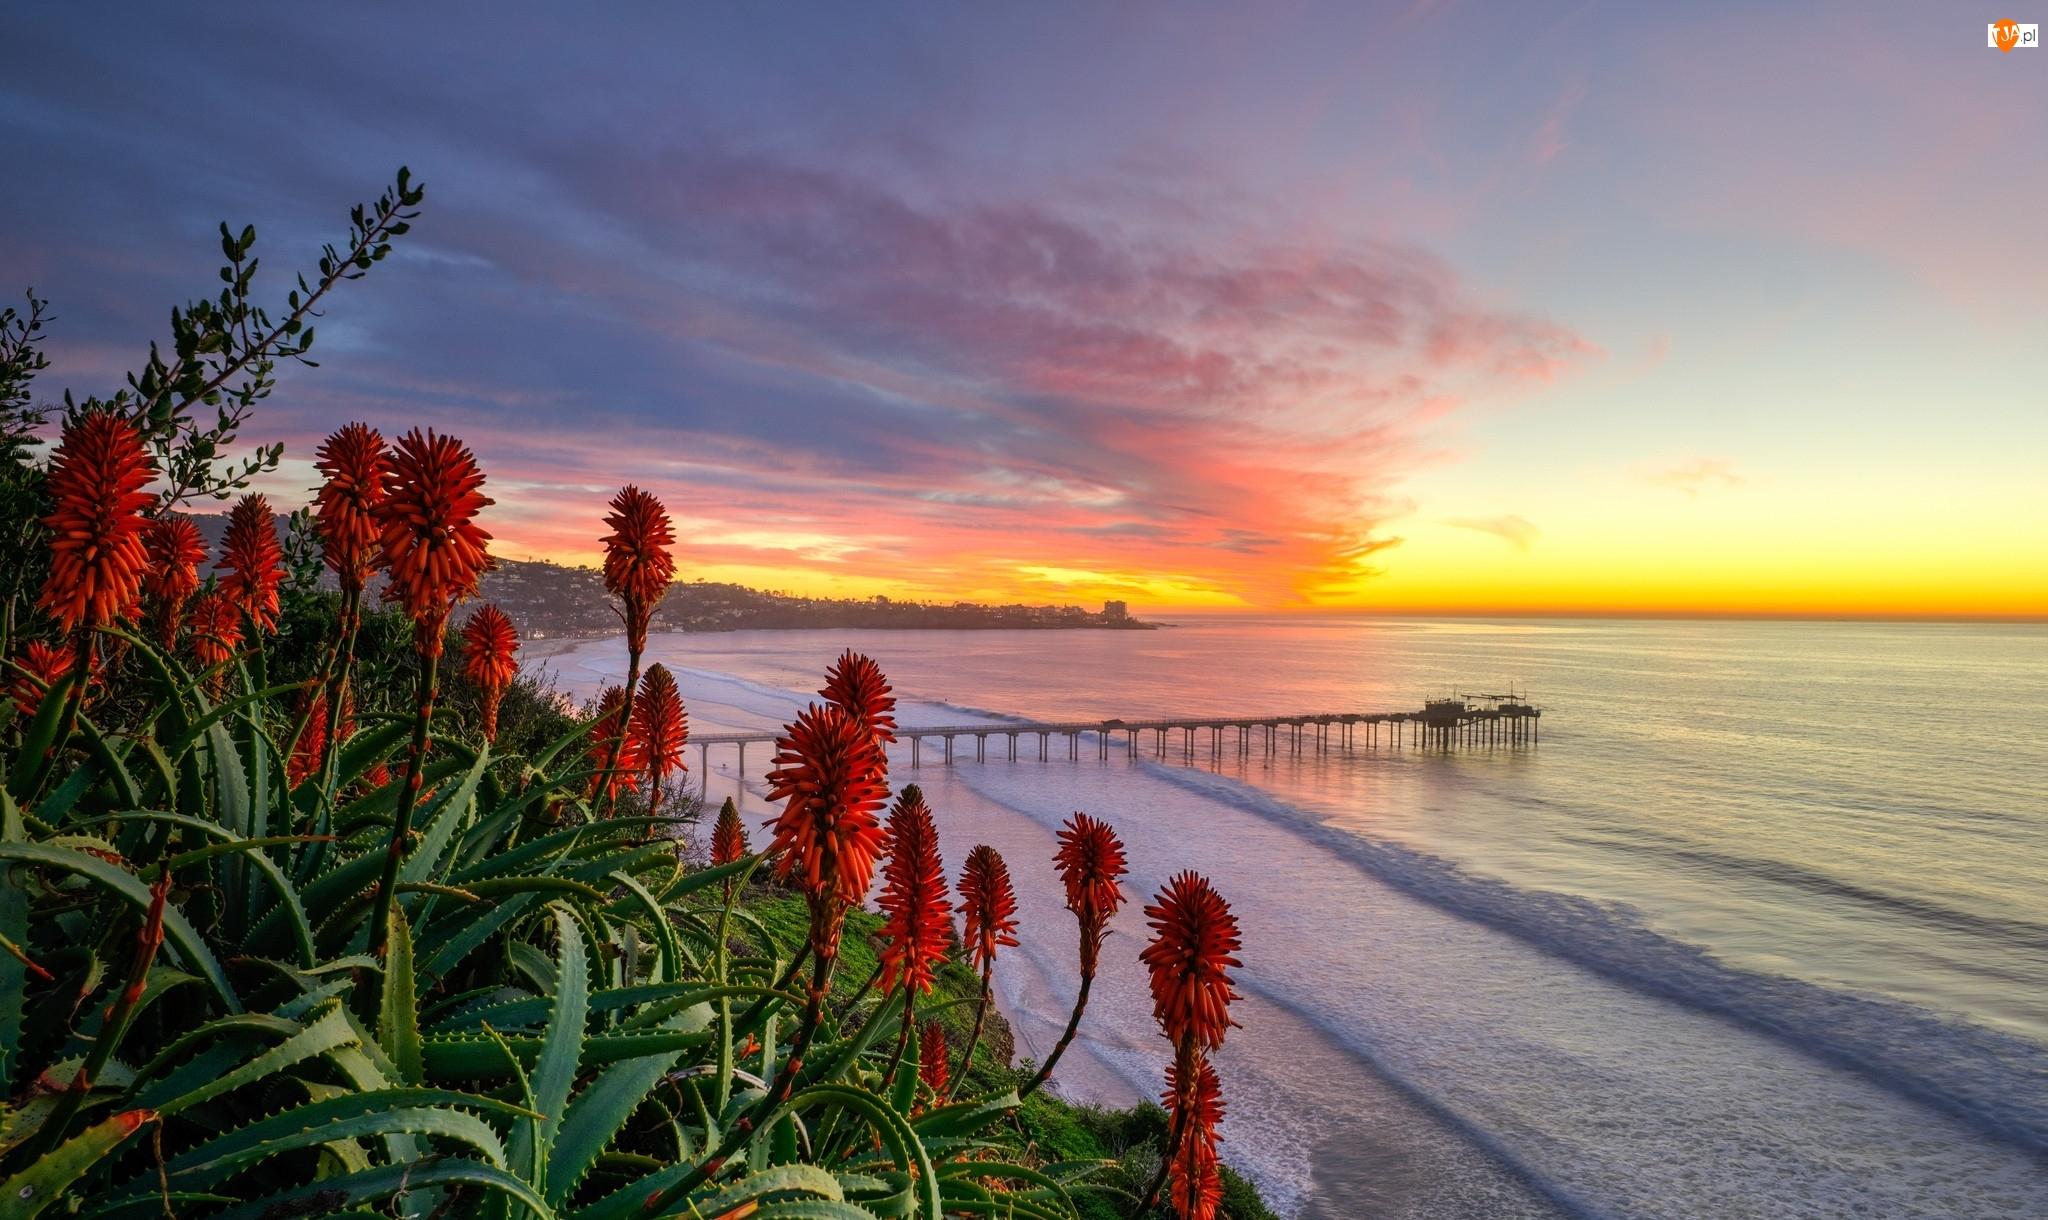 Chmury, Wybrzeże, Wschód słońca, Kalifornia, Morze, Stany Zjednoczone, Aloes, San Diego, Molo